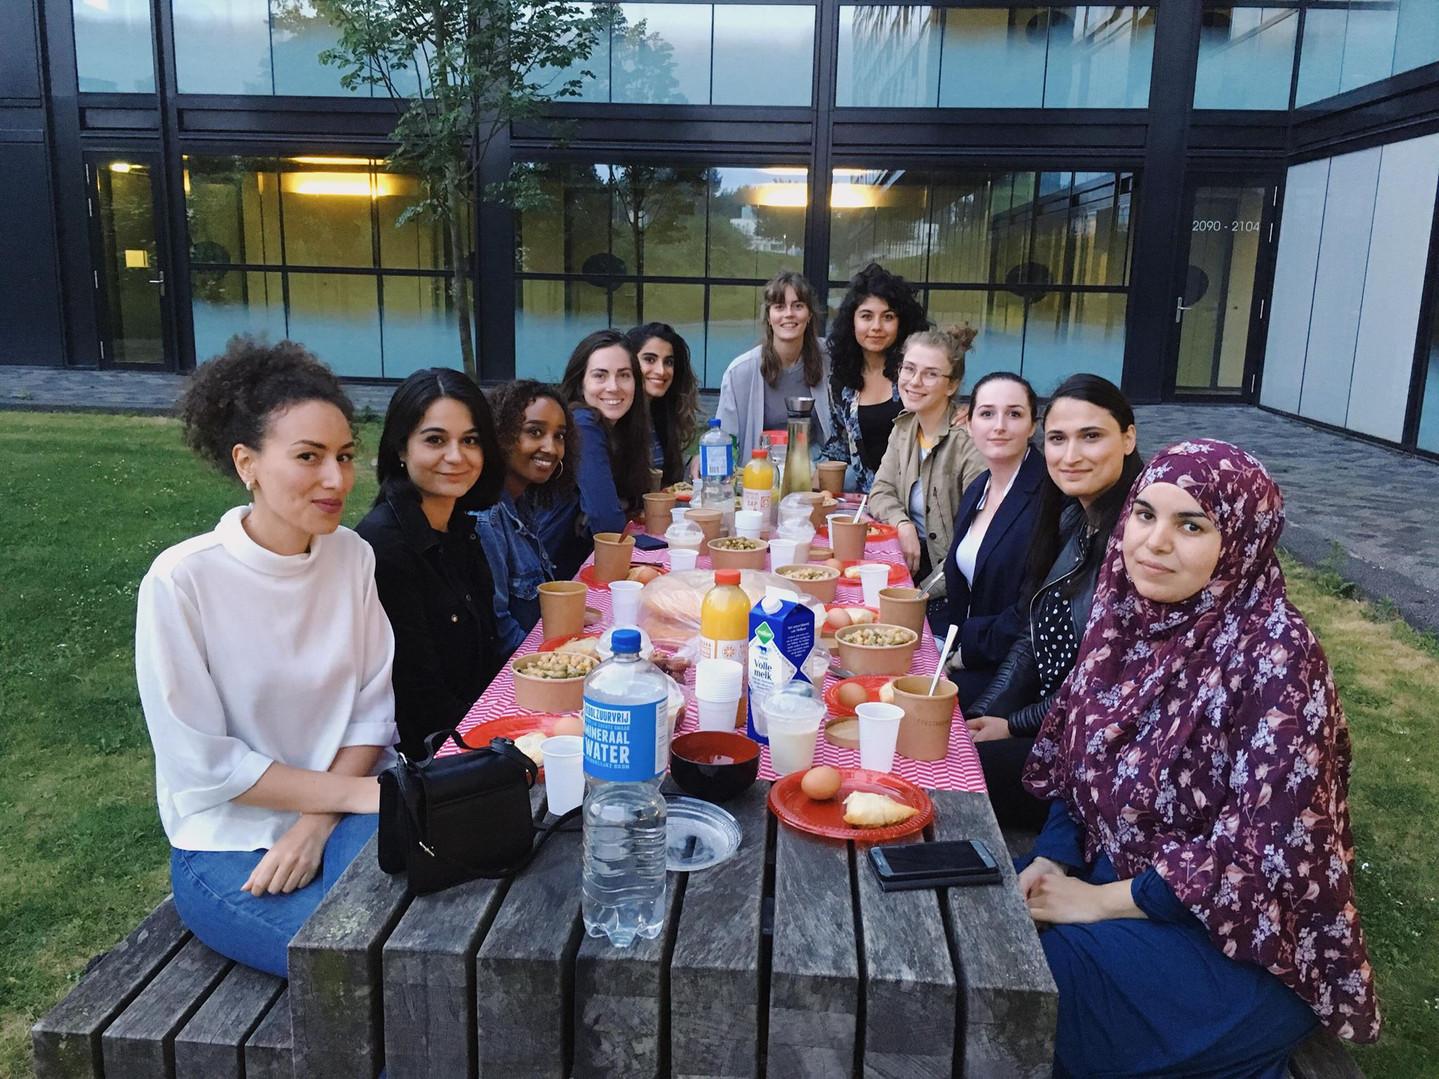 Wonda Women's Iftar with Ibtissam Abaâziz